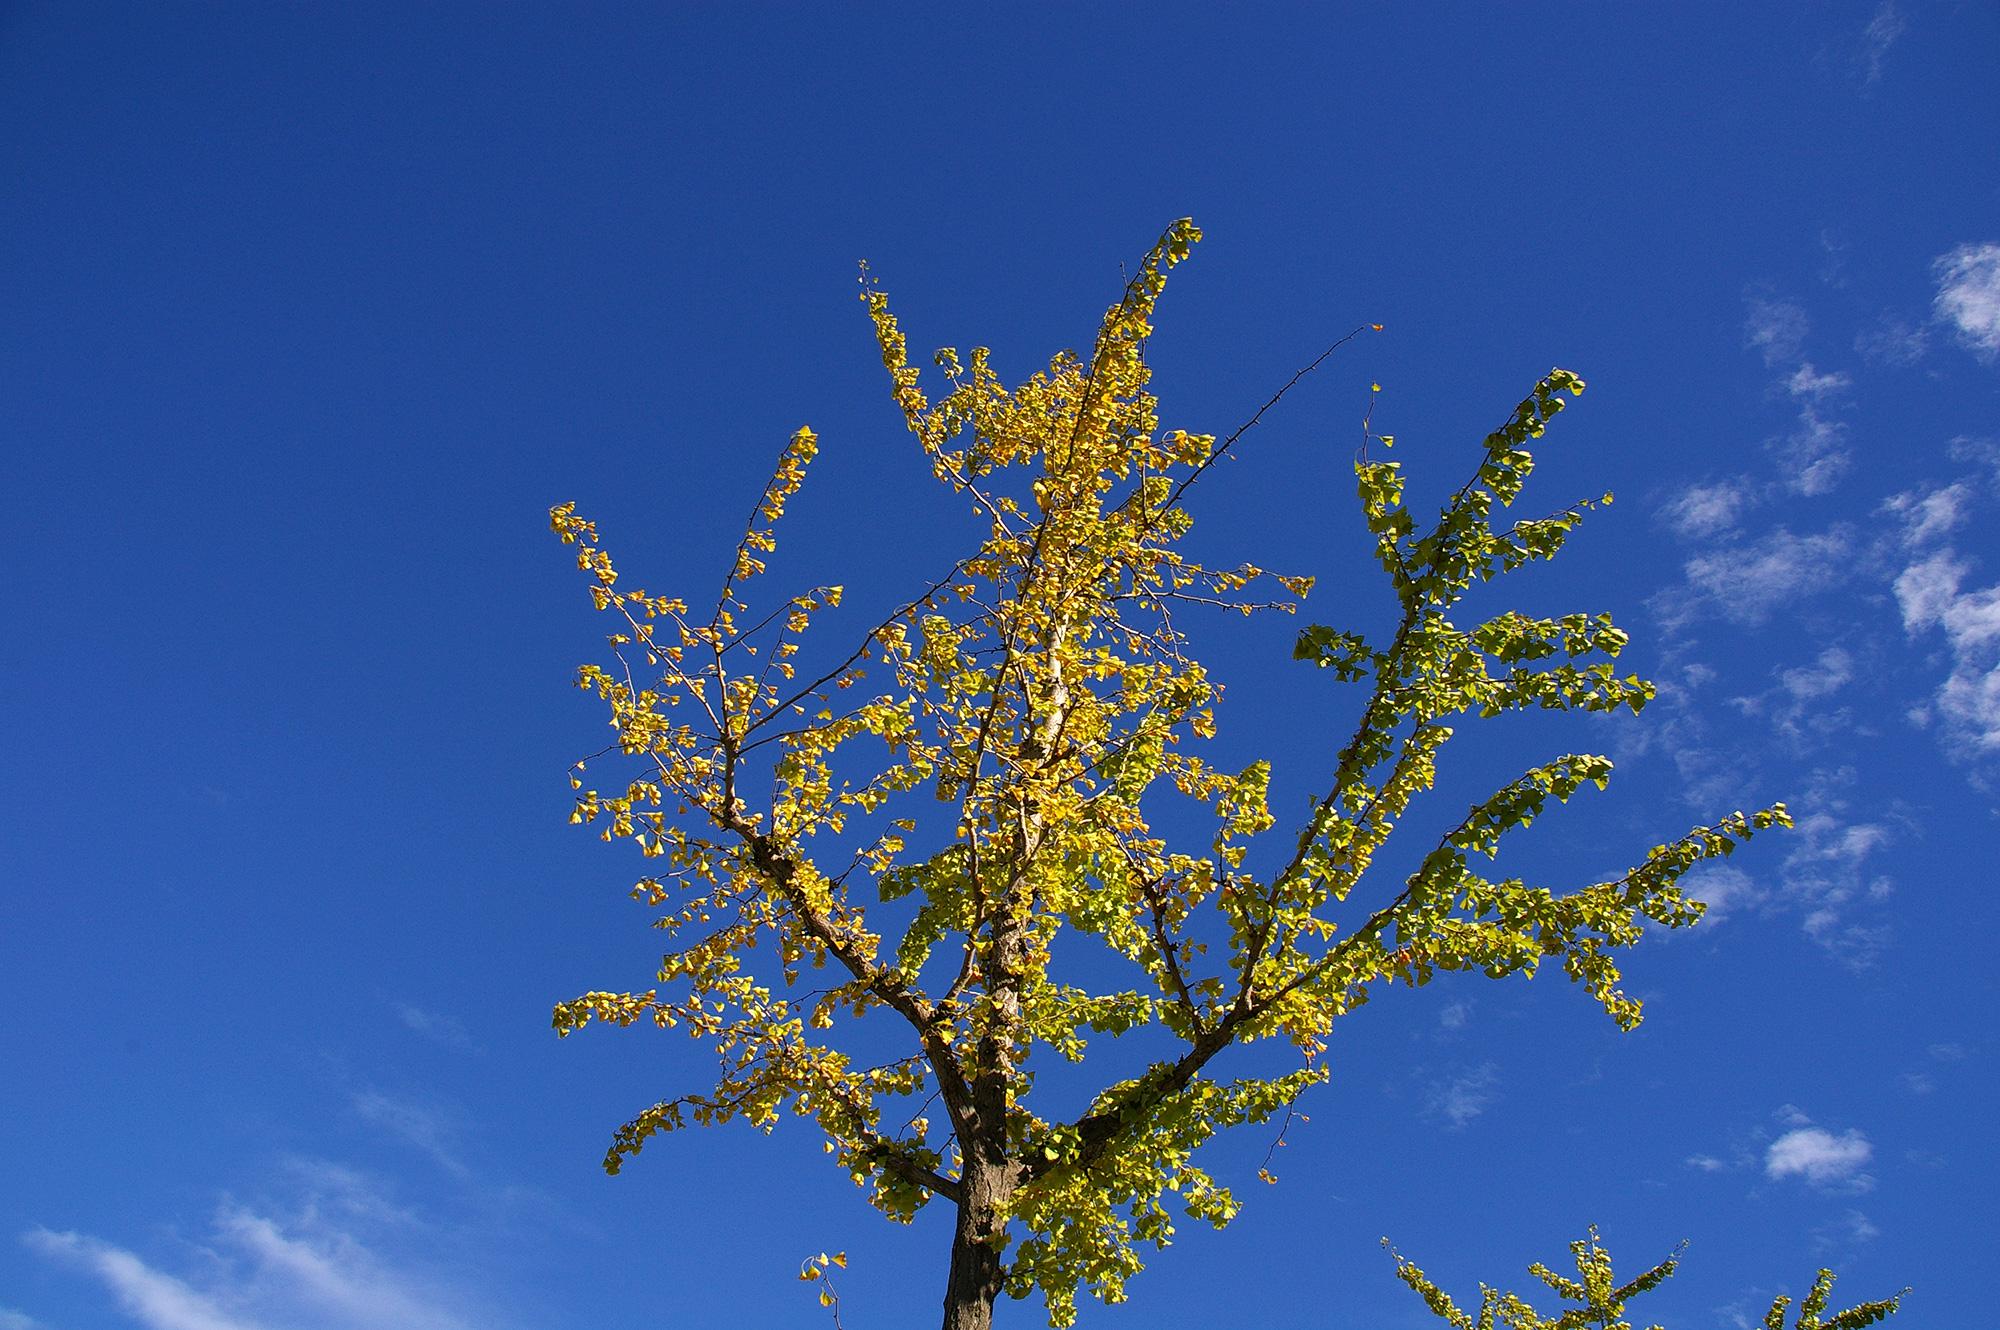 紅葉した街路樹の写真の無料素材